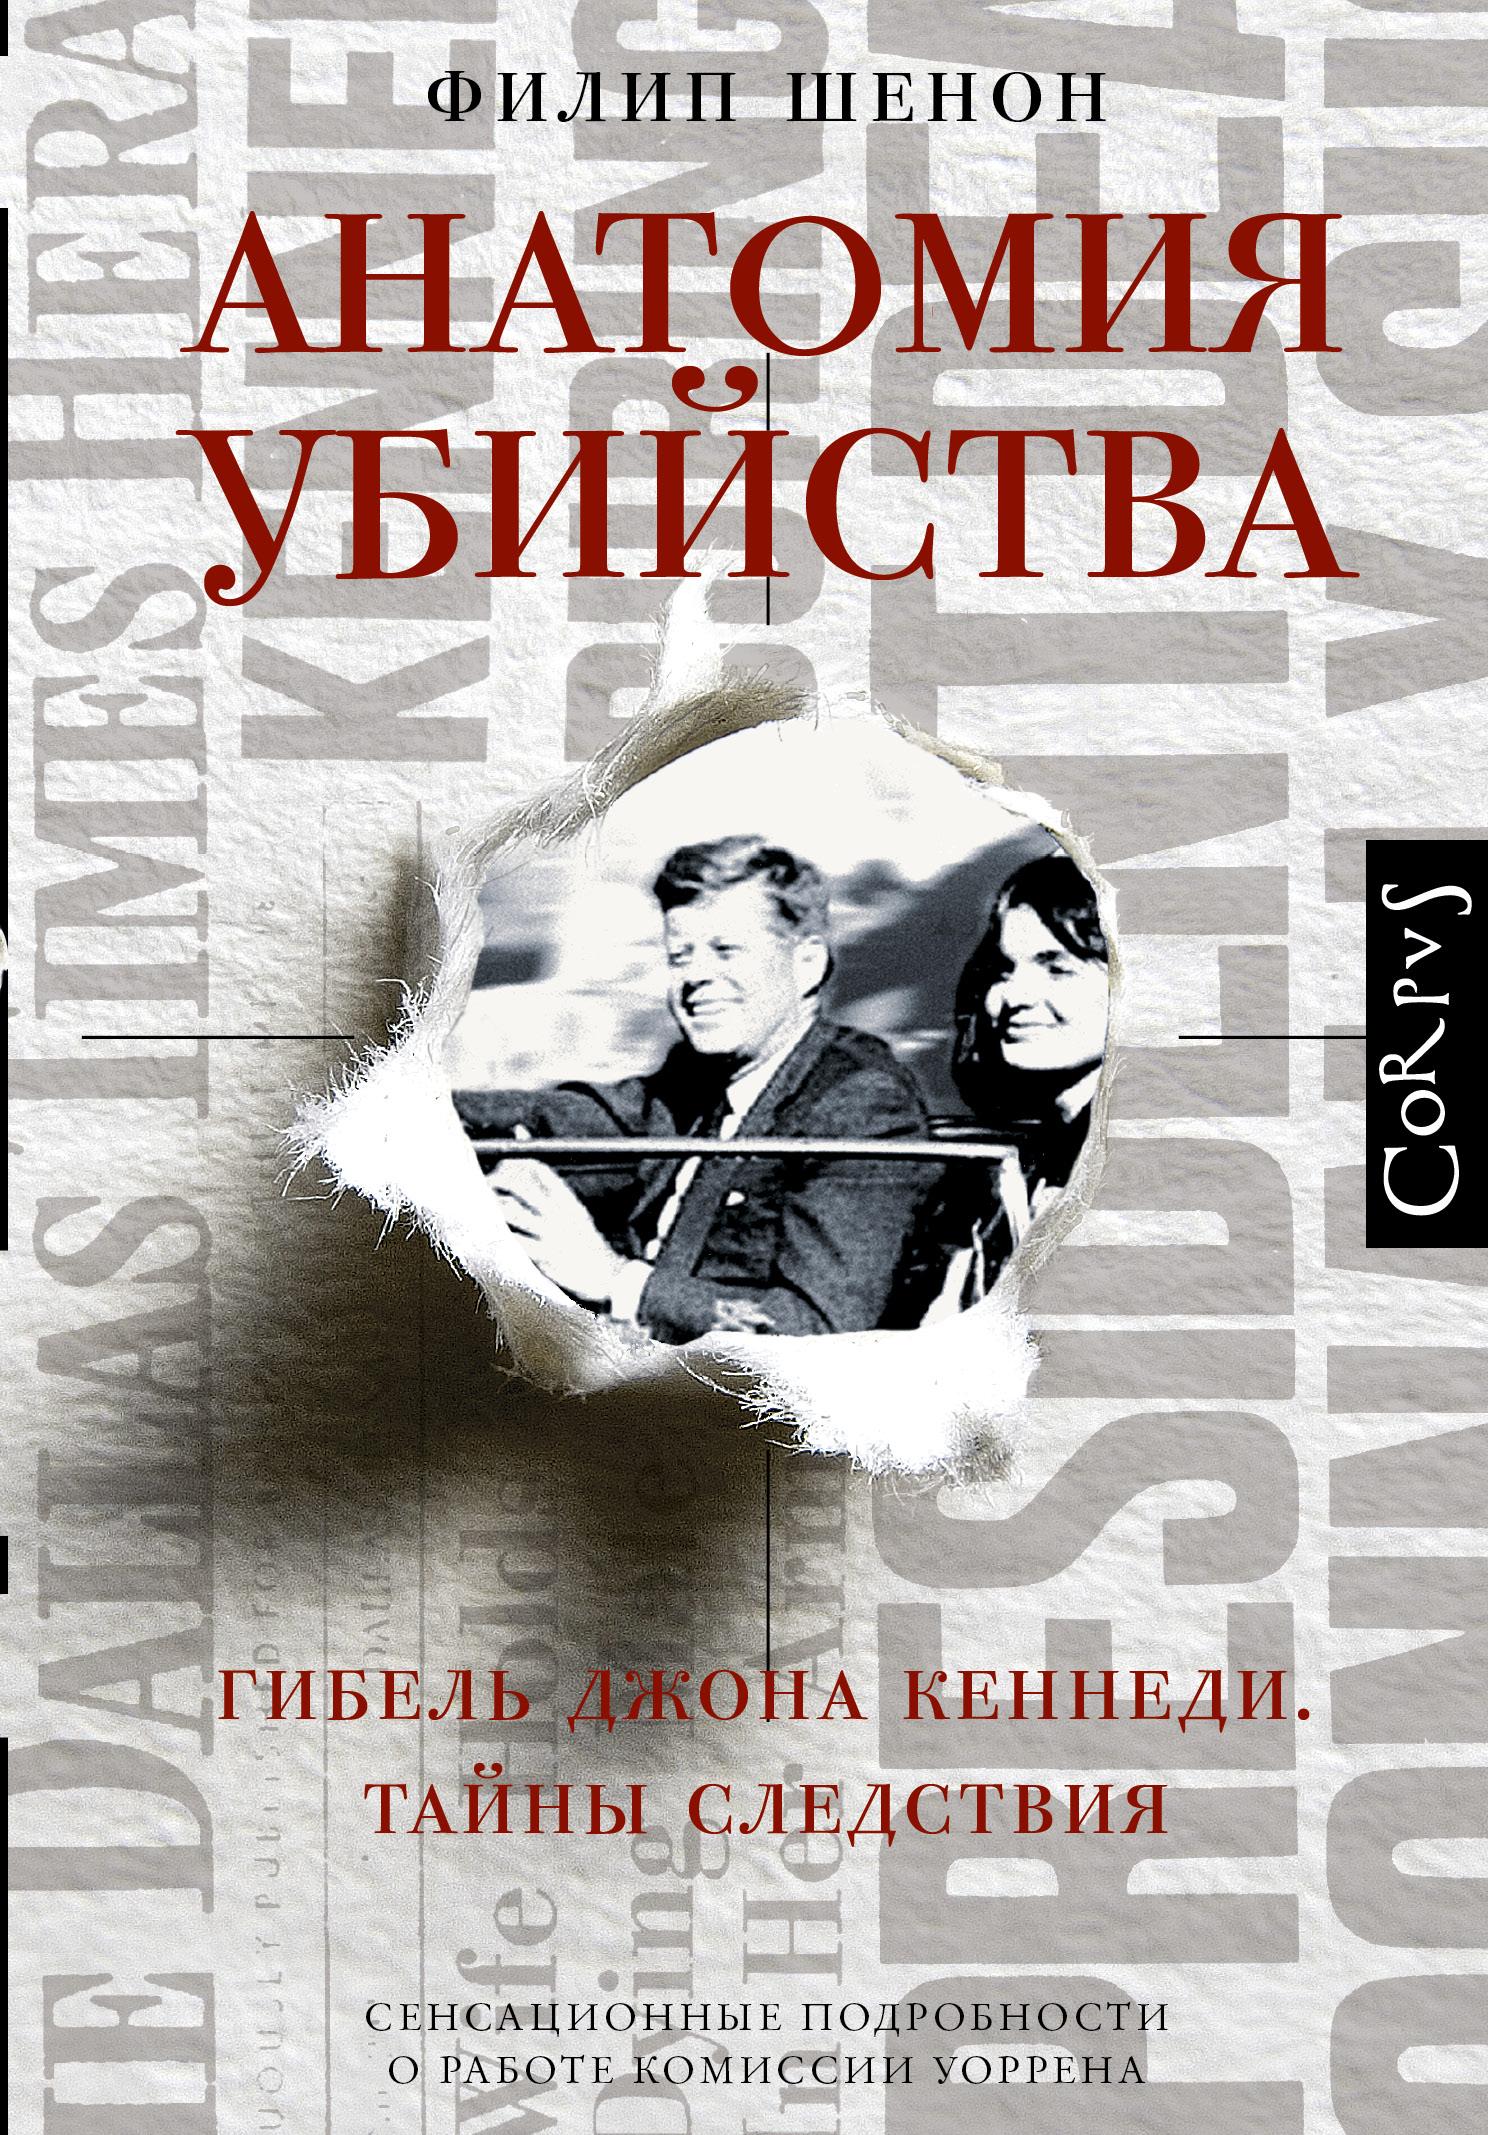 Шенон Ф. Анатомия убийства. Гибель Джона Кеннеди.Тайны расследования разумовский ф кто мы анатомия русской бюрократии